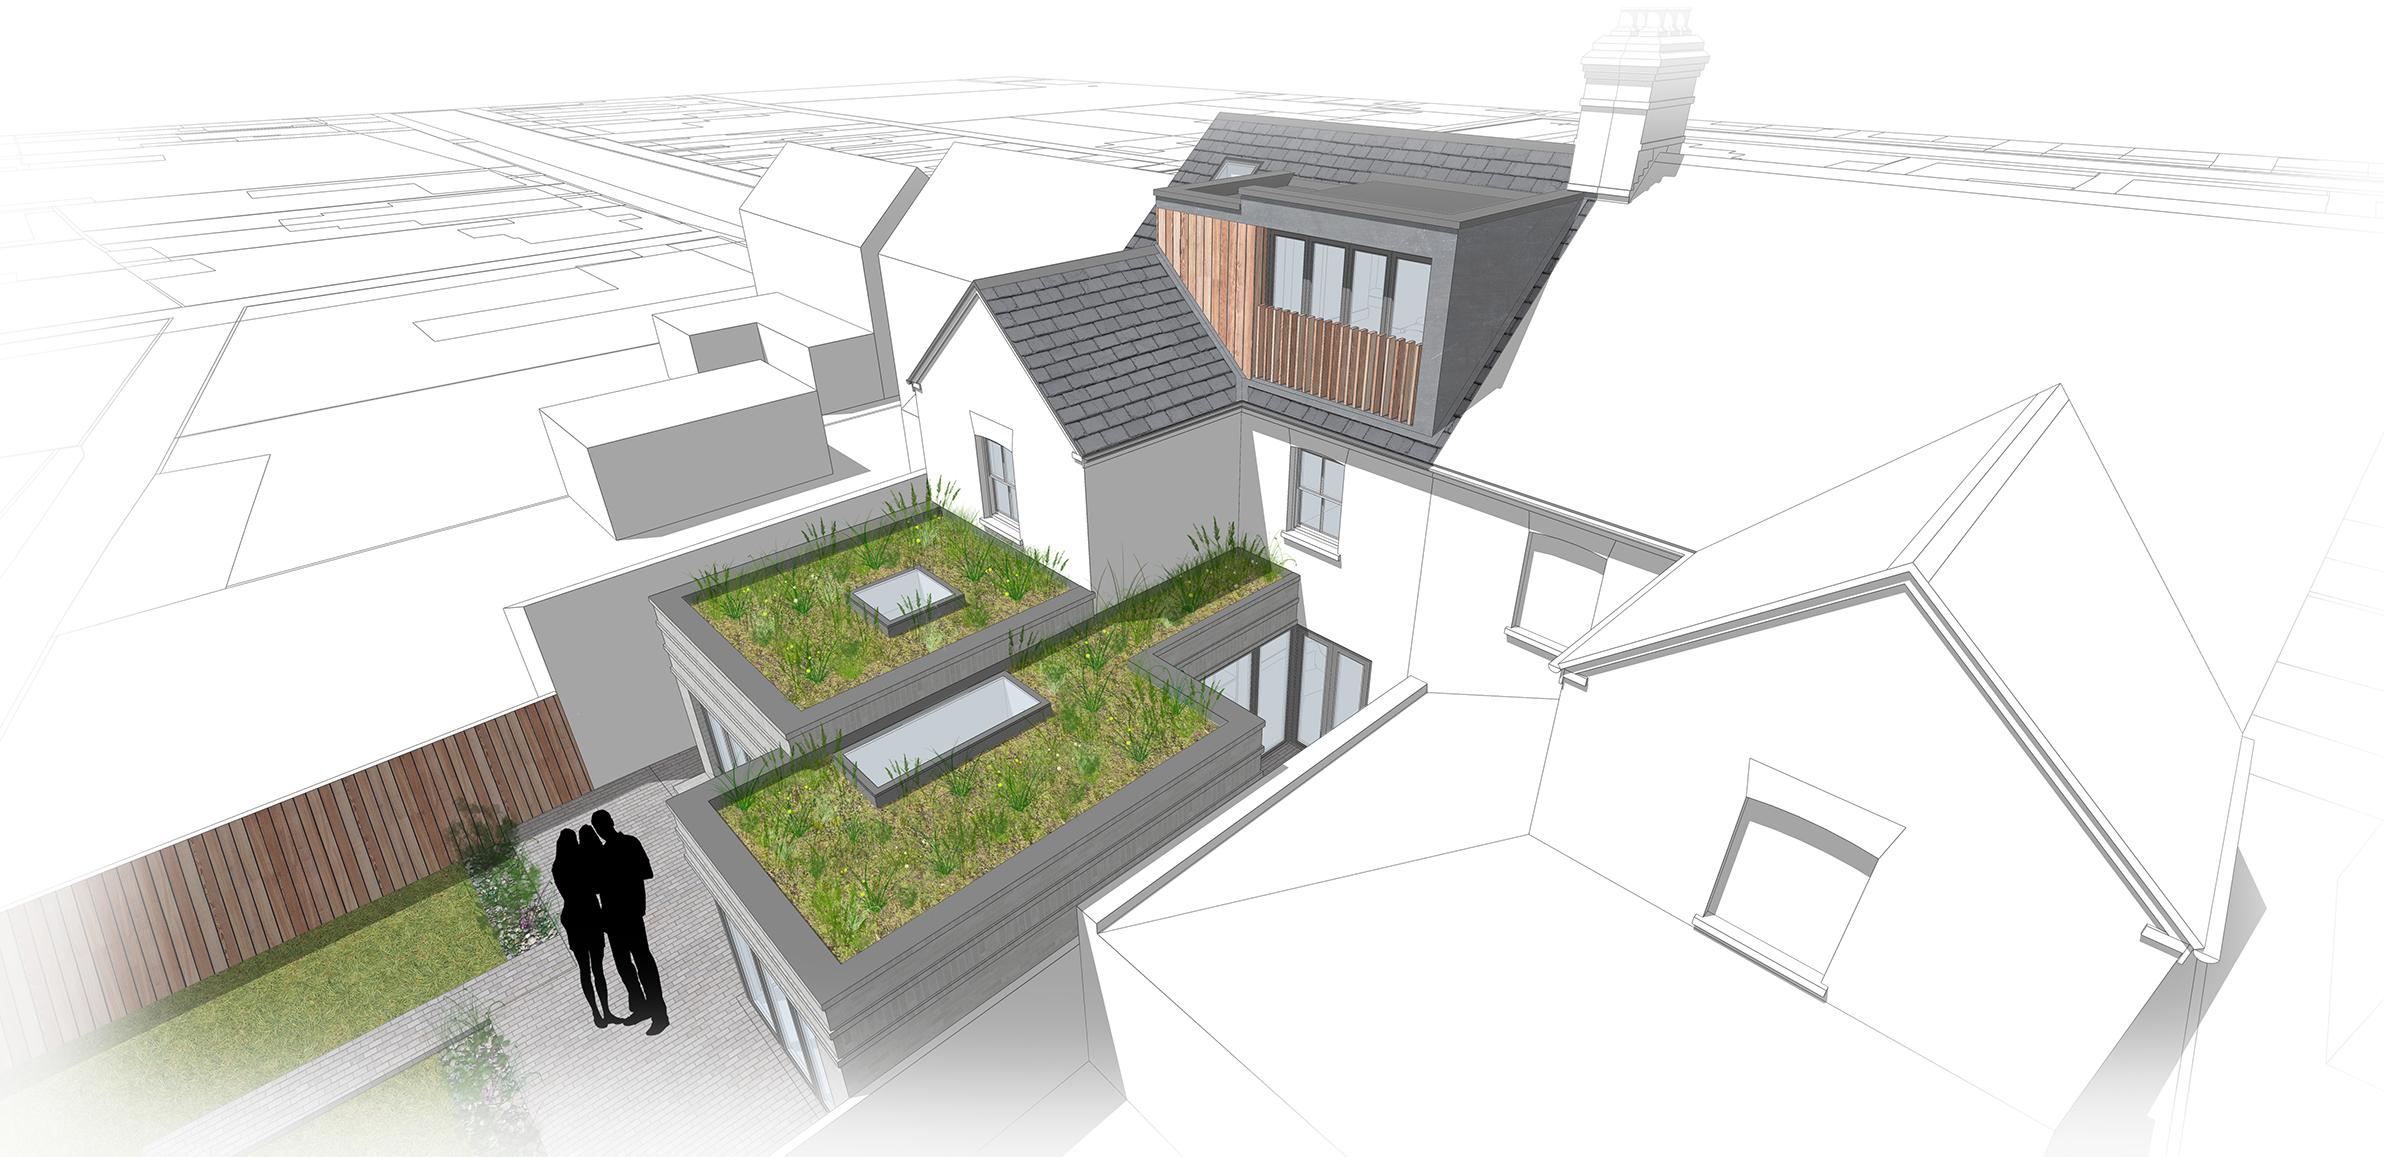 Planning scheme -Aerial shot 1